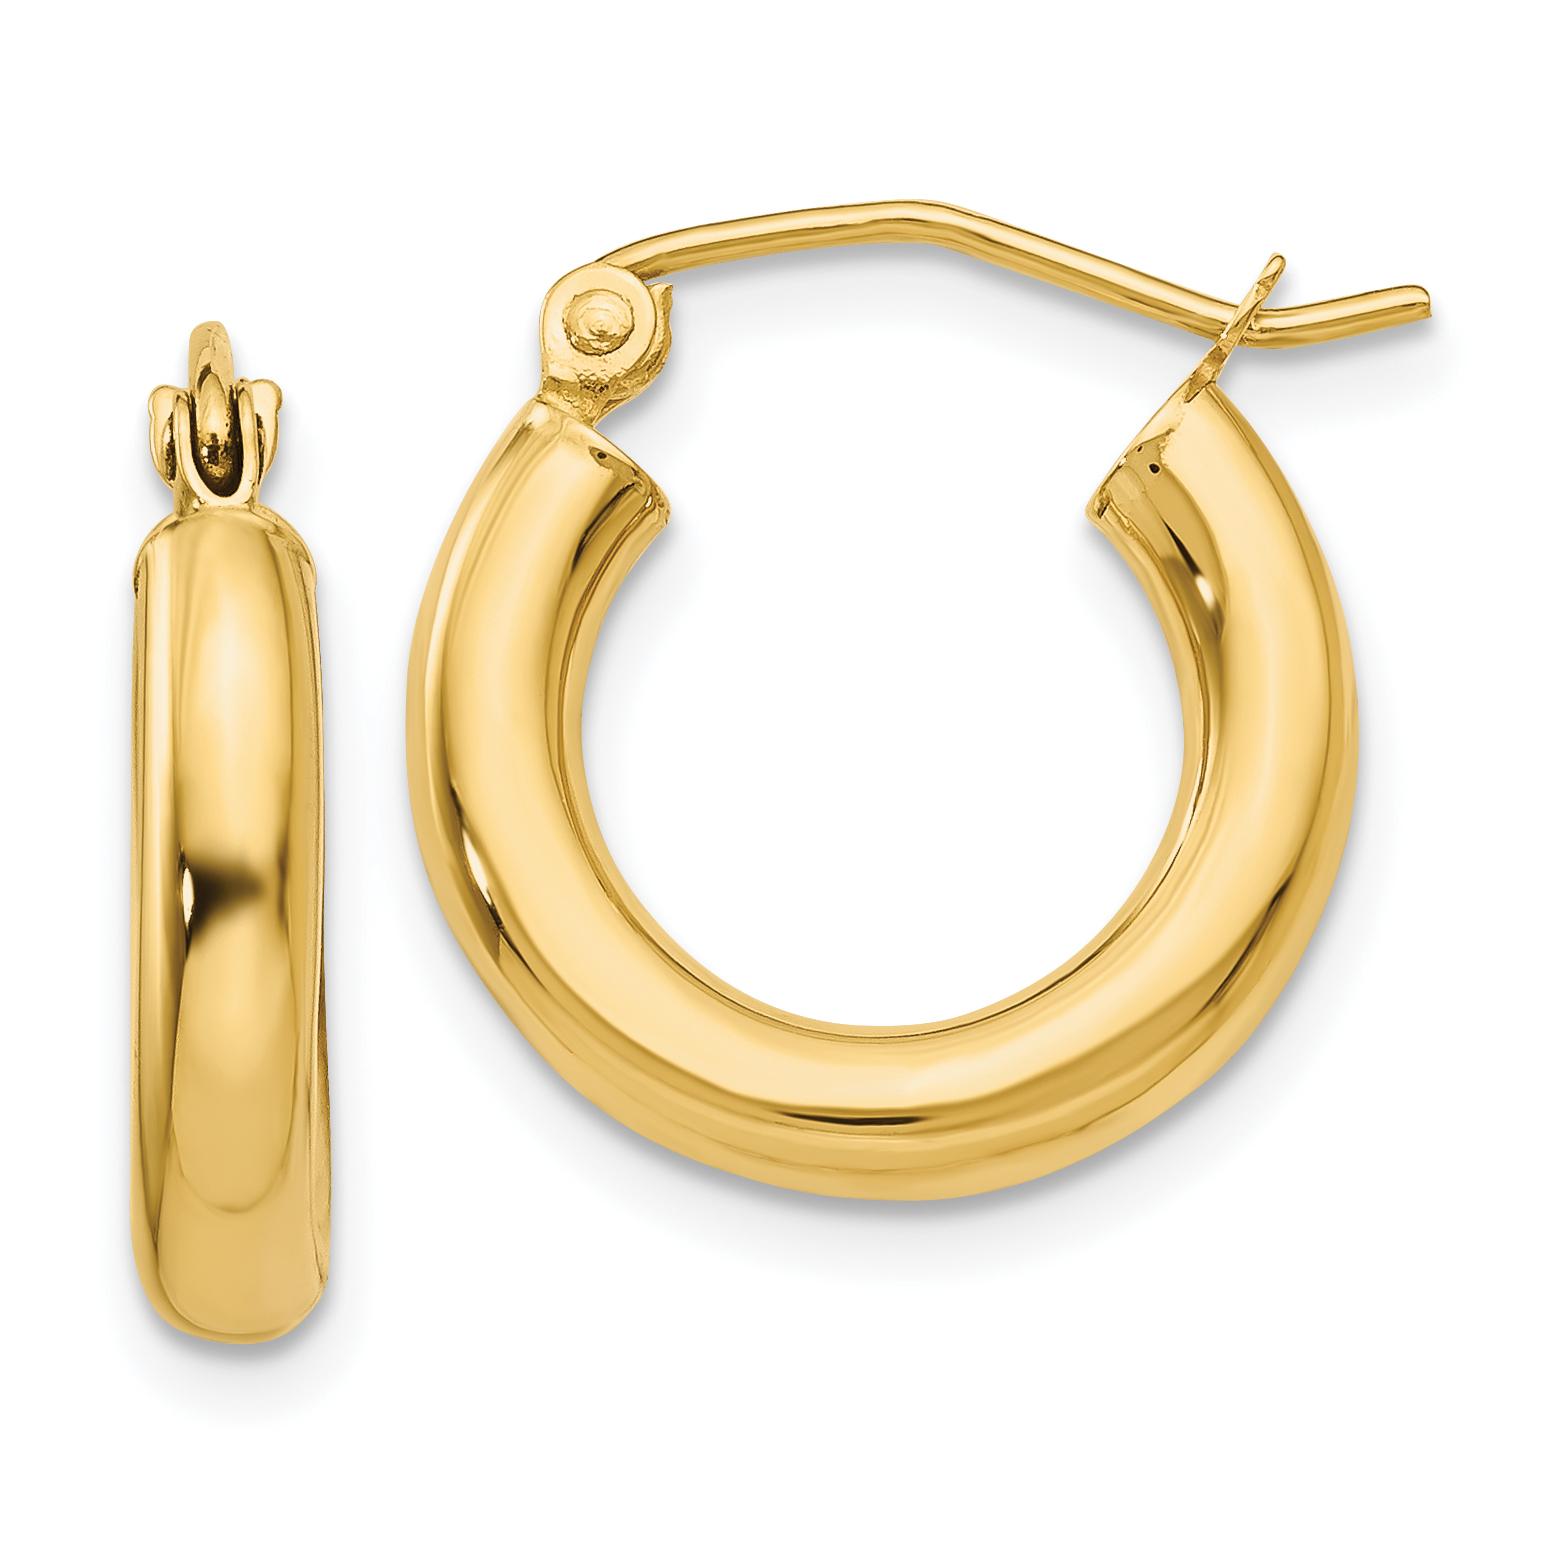 14k Gold Gold Satin /& Diamond-cut 2mm Round Tube Hoop Earrings 0.7 gm for Women